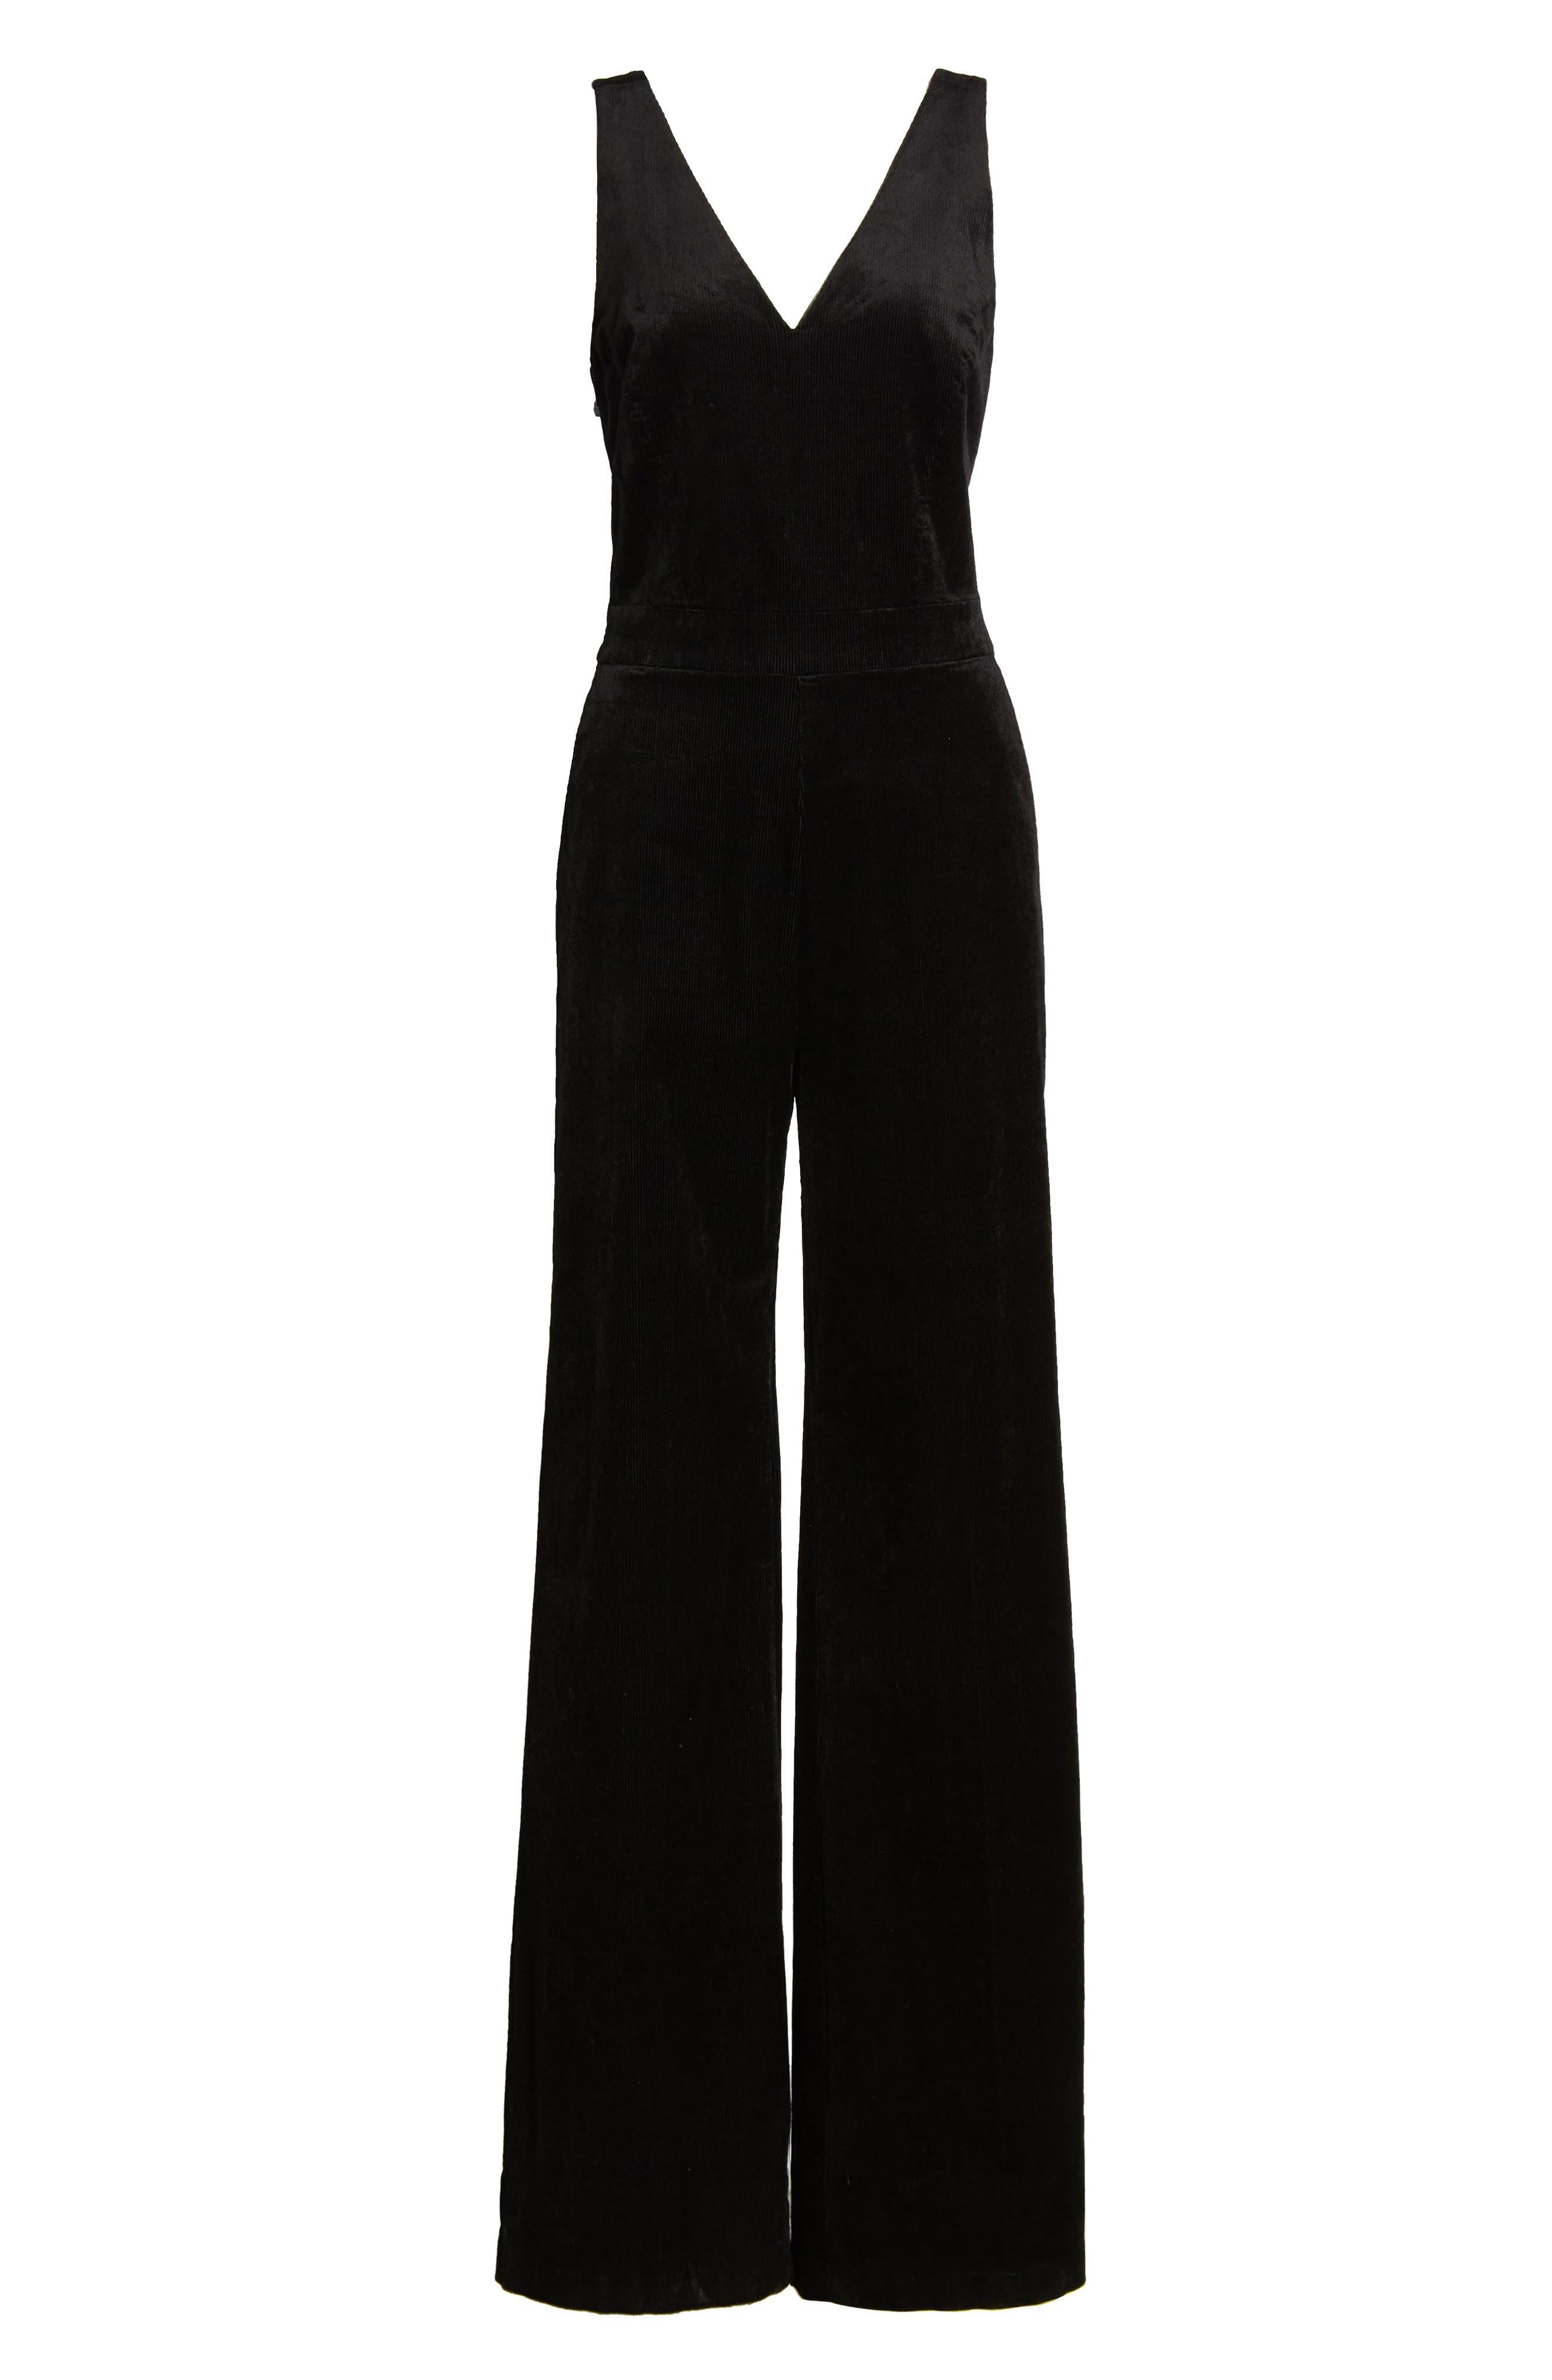 Sienne Corduroy Jumpsuit,                             Alternate thumbnail 7, color,                             BLACK